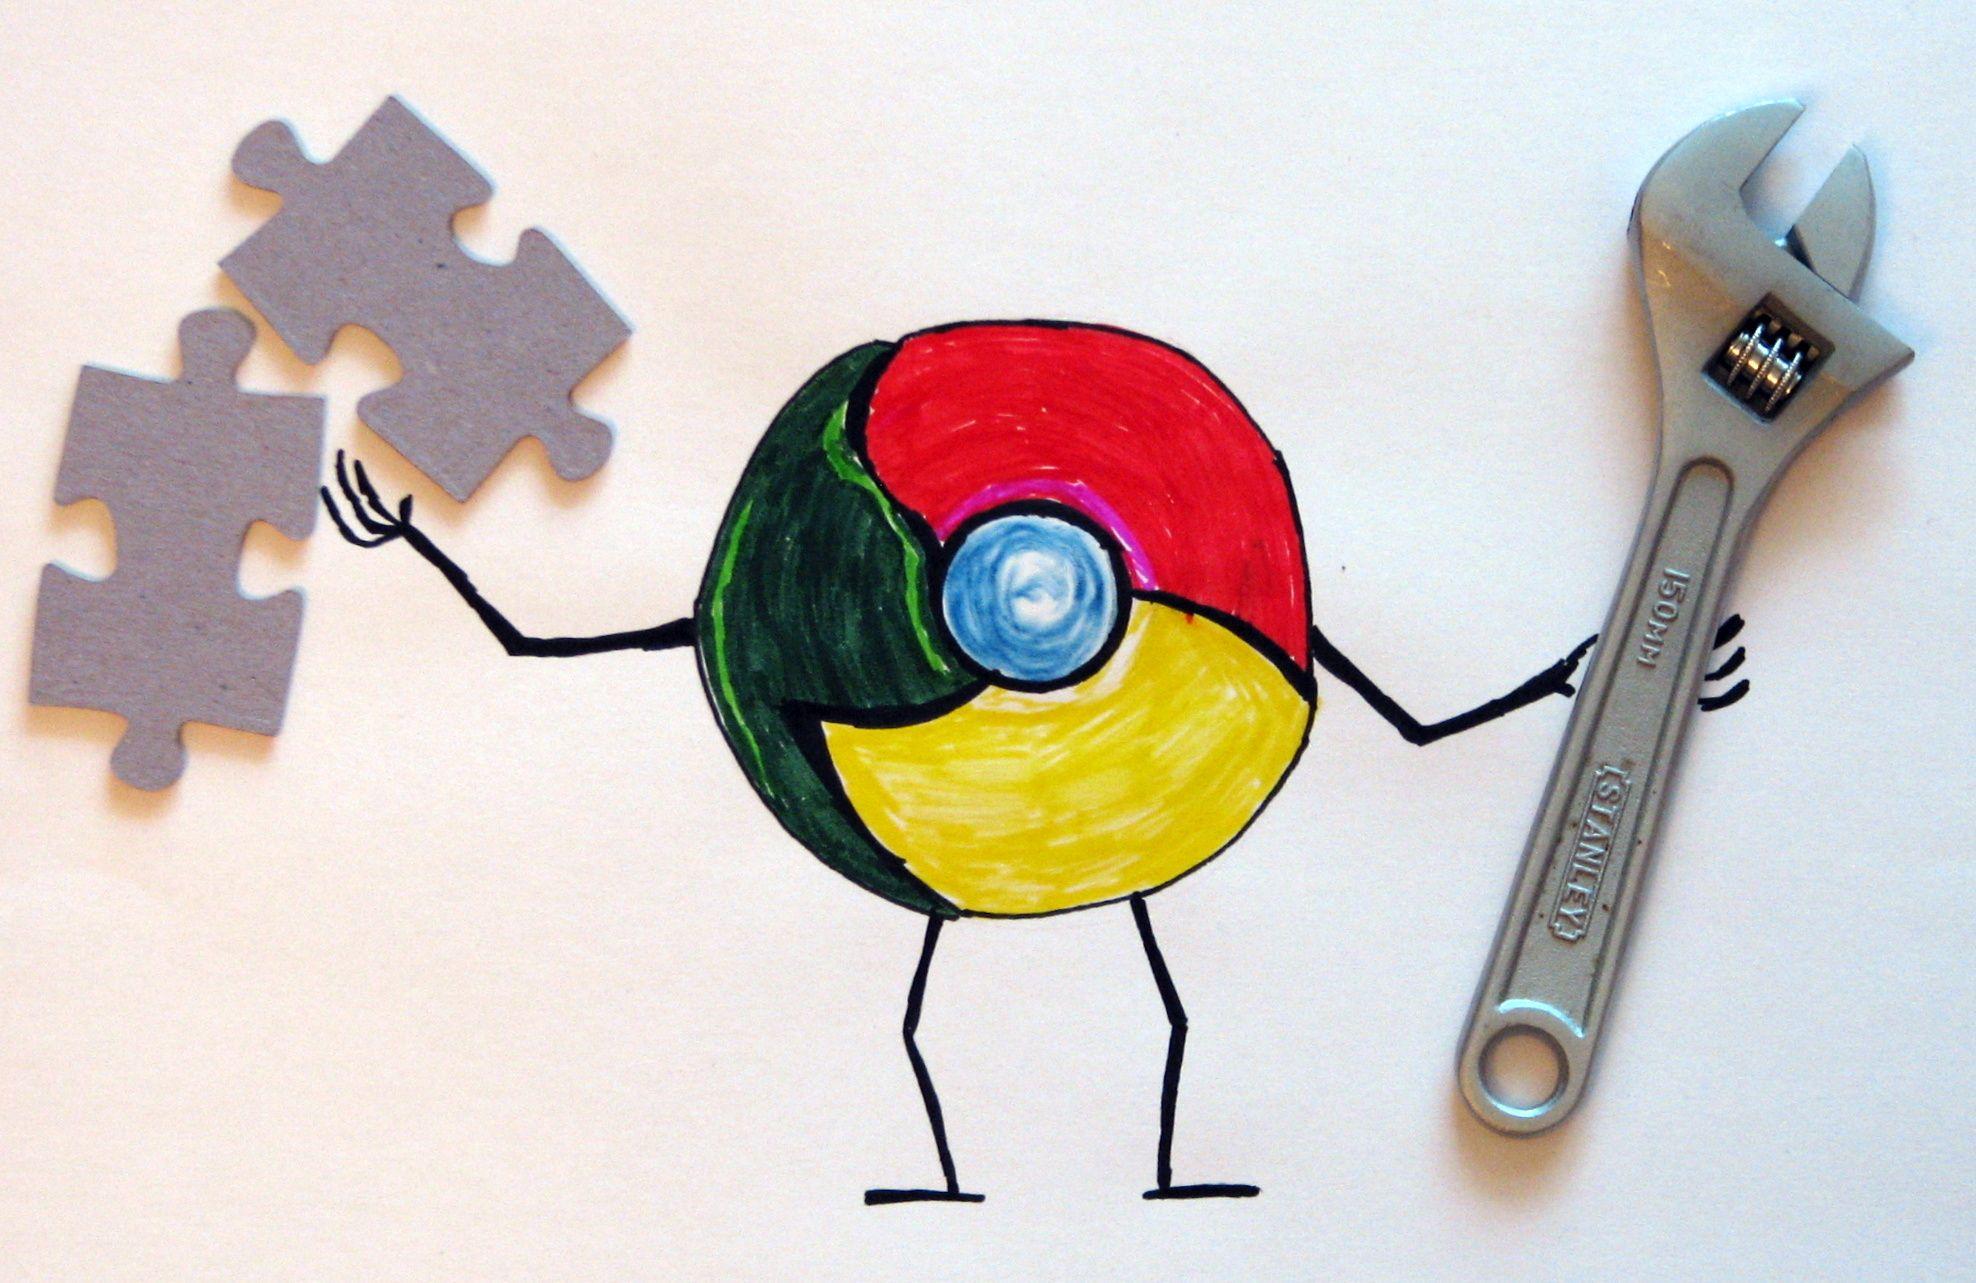 Megszűntetik a Chrome egyik őrjítő tulajdonságát